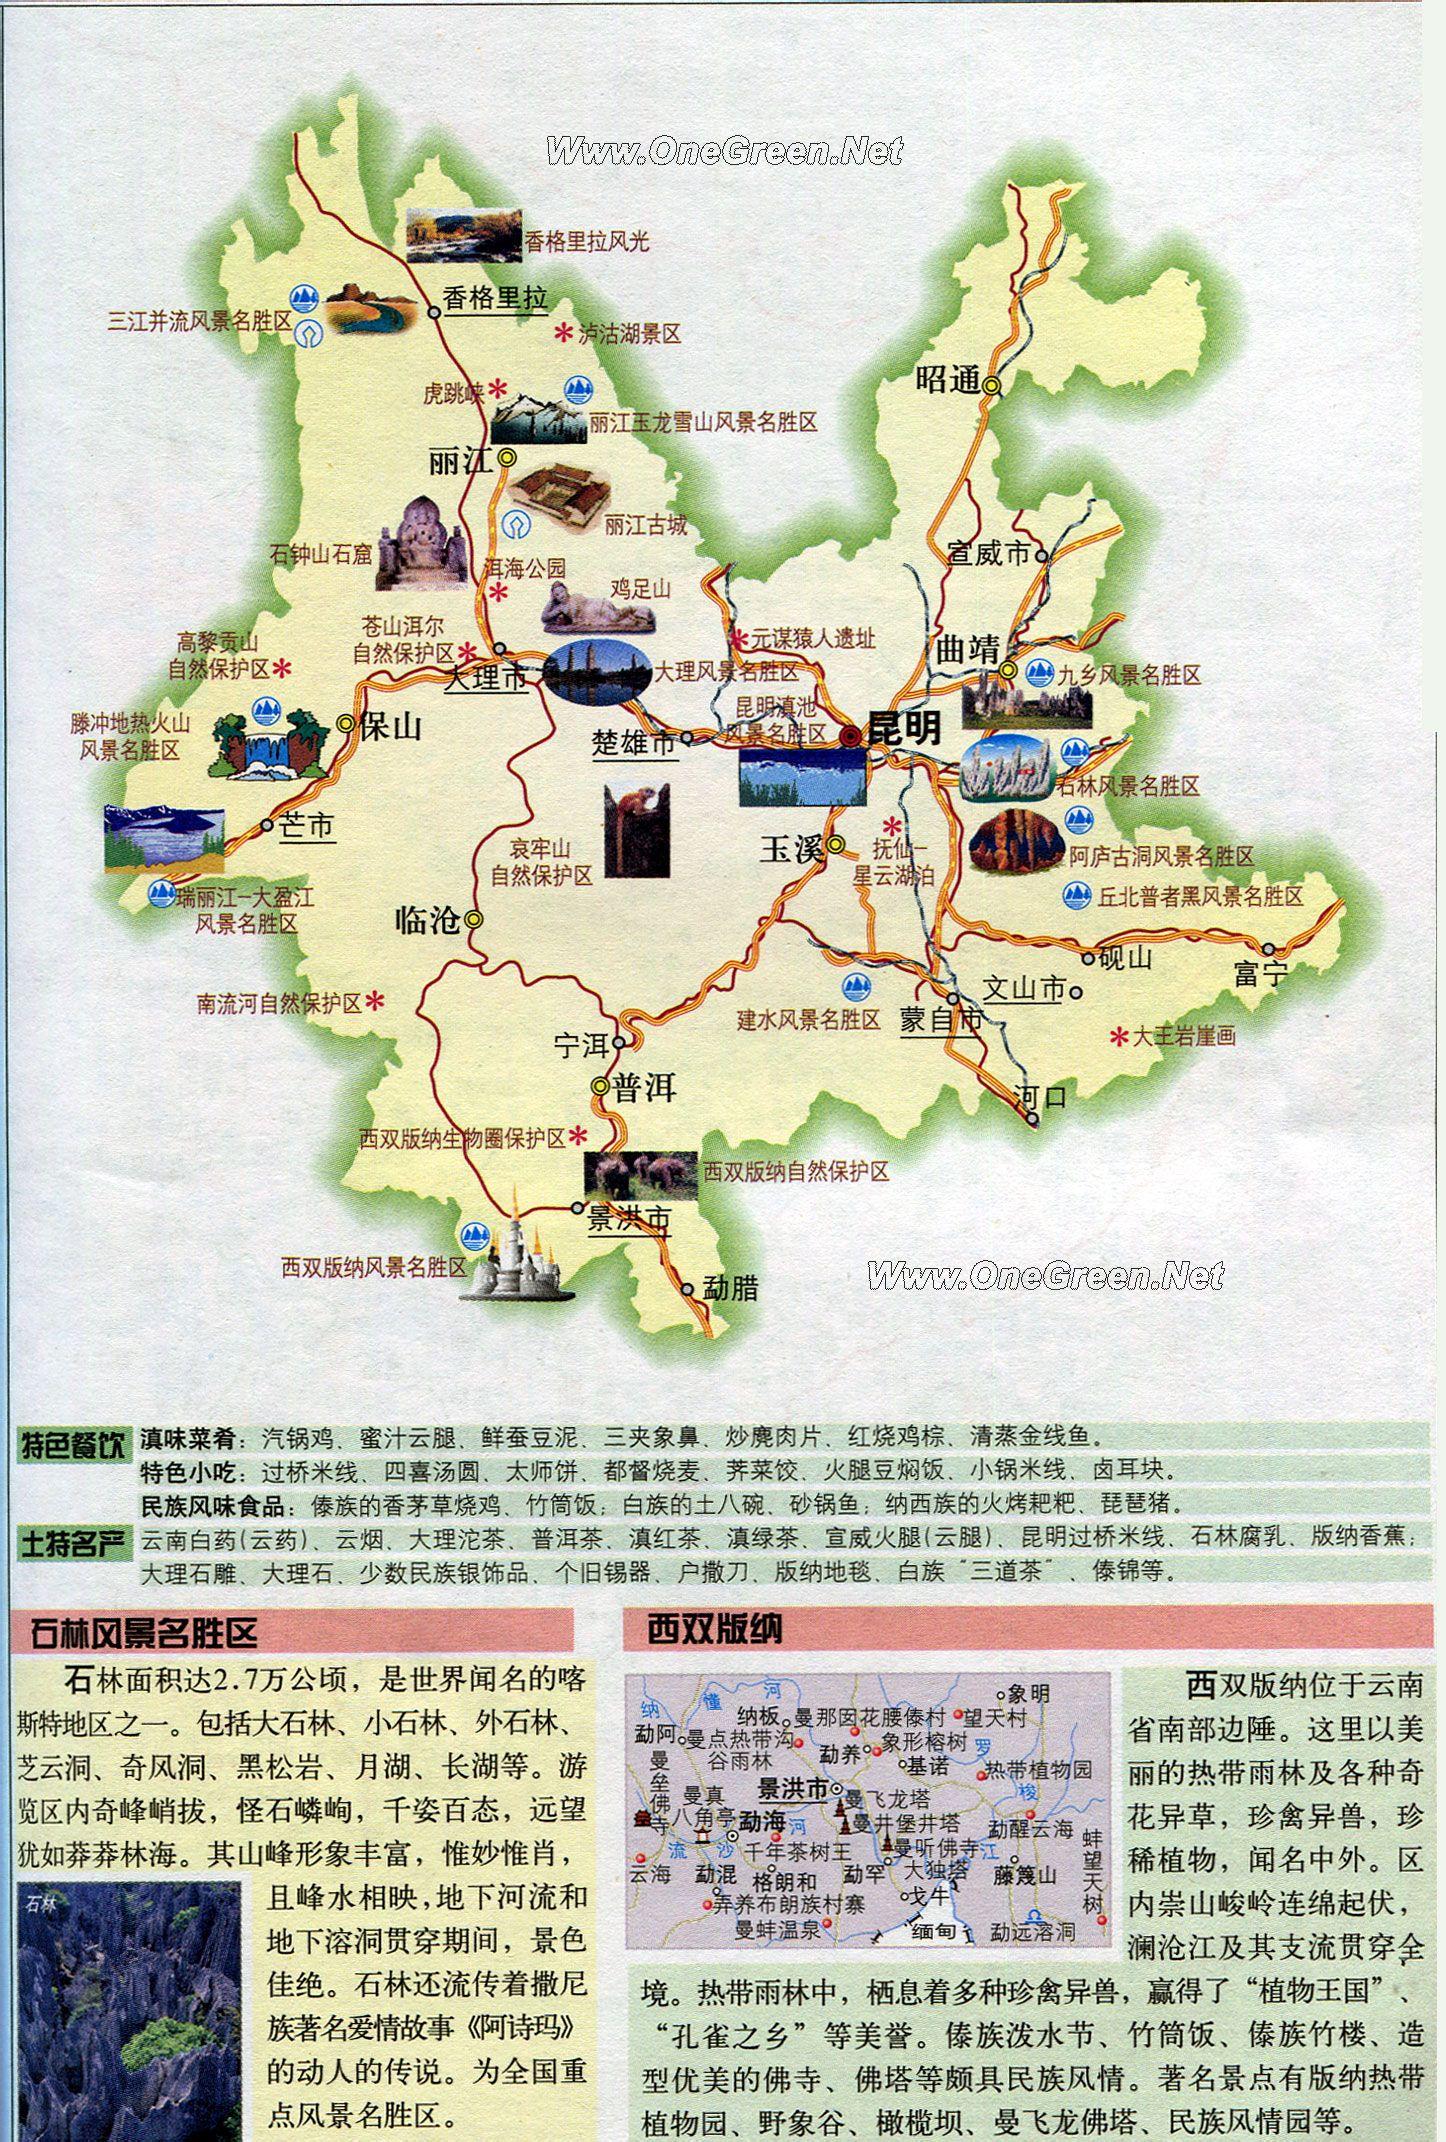 求一张云南省旅游景点地图,越详细越好,最好是彩色的.